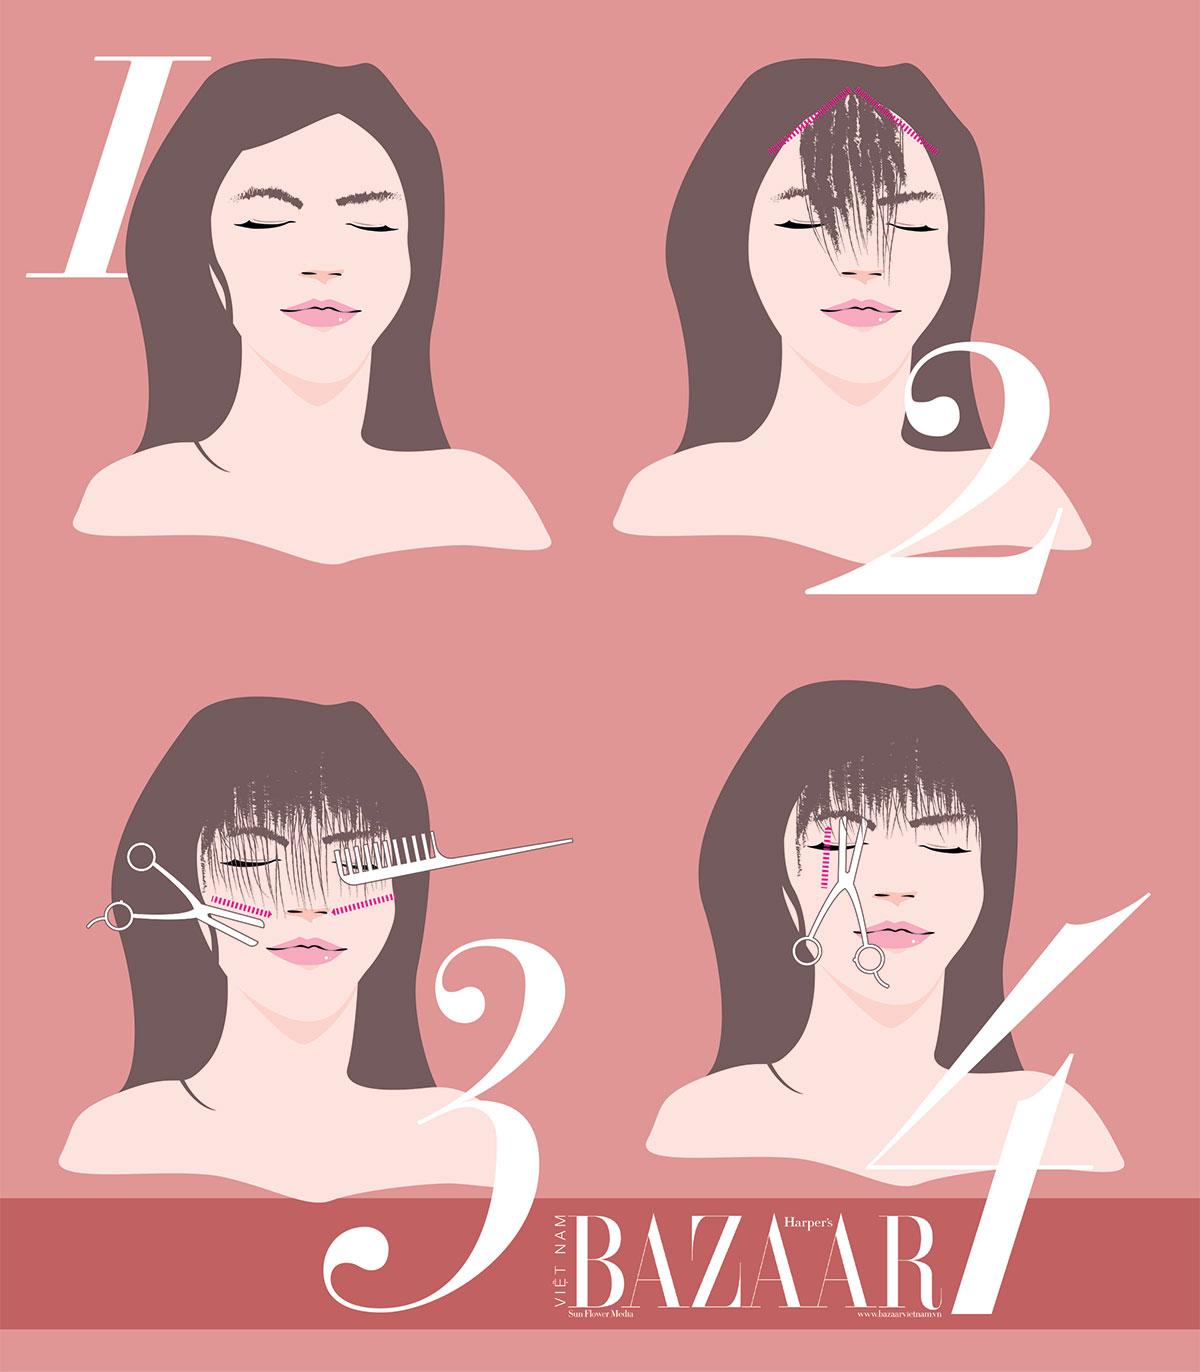 Cách tự cắt tóc mái tại nhà khi các salon đóng cửa 1